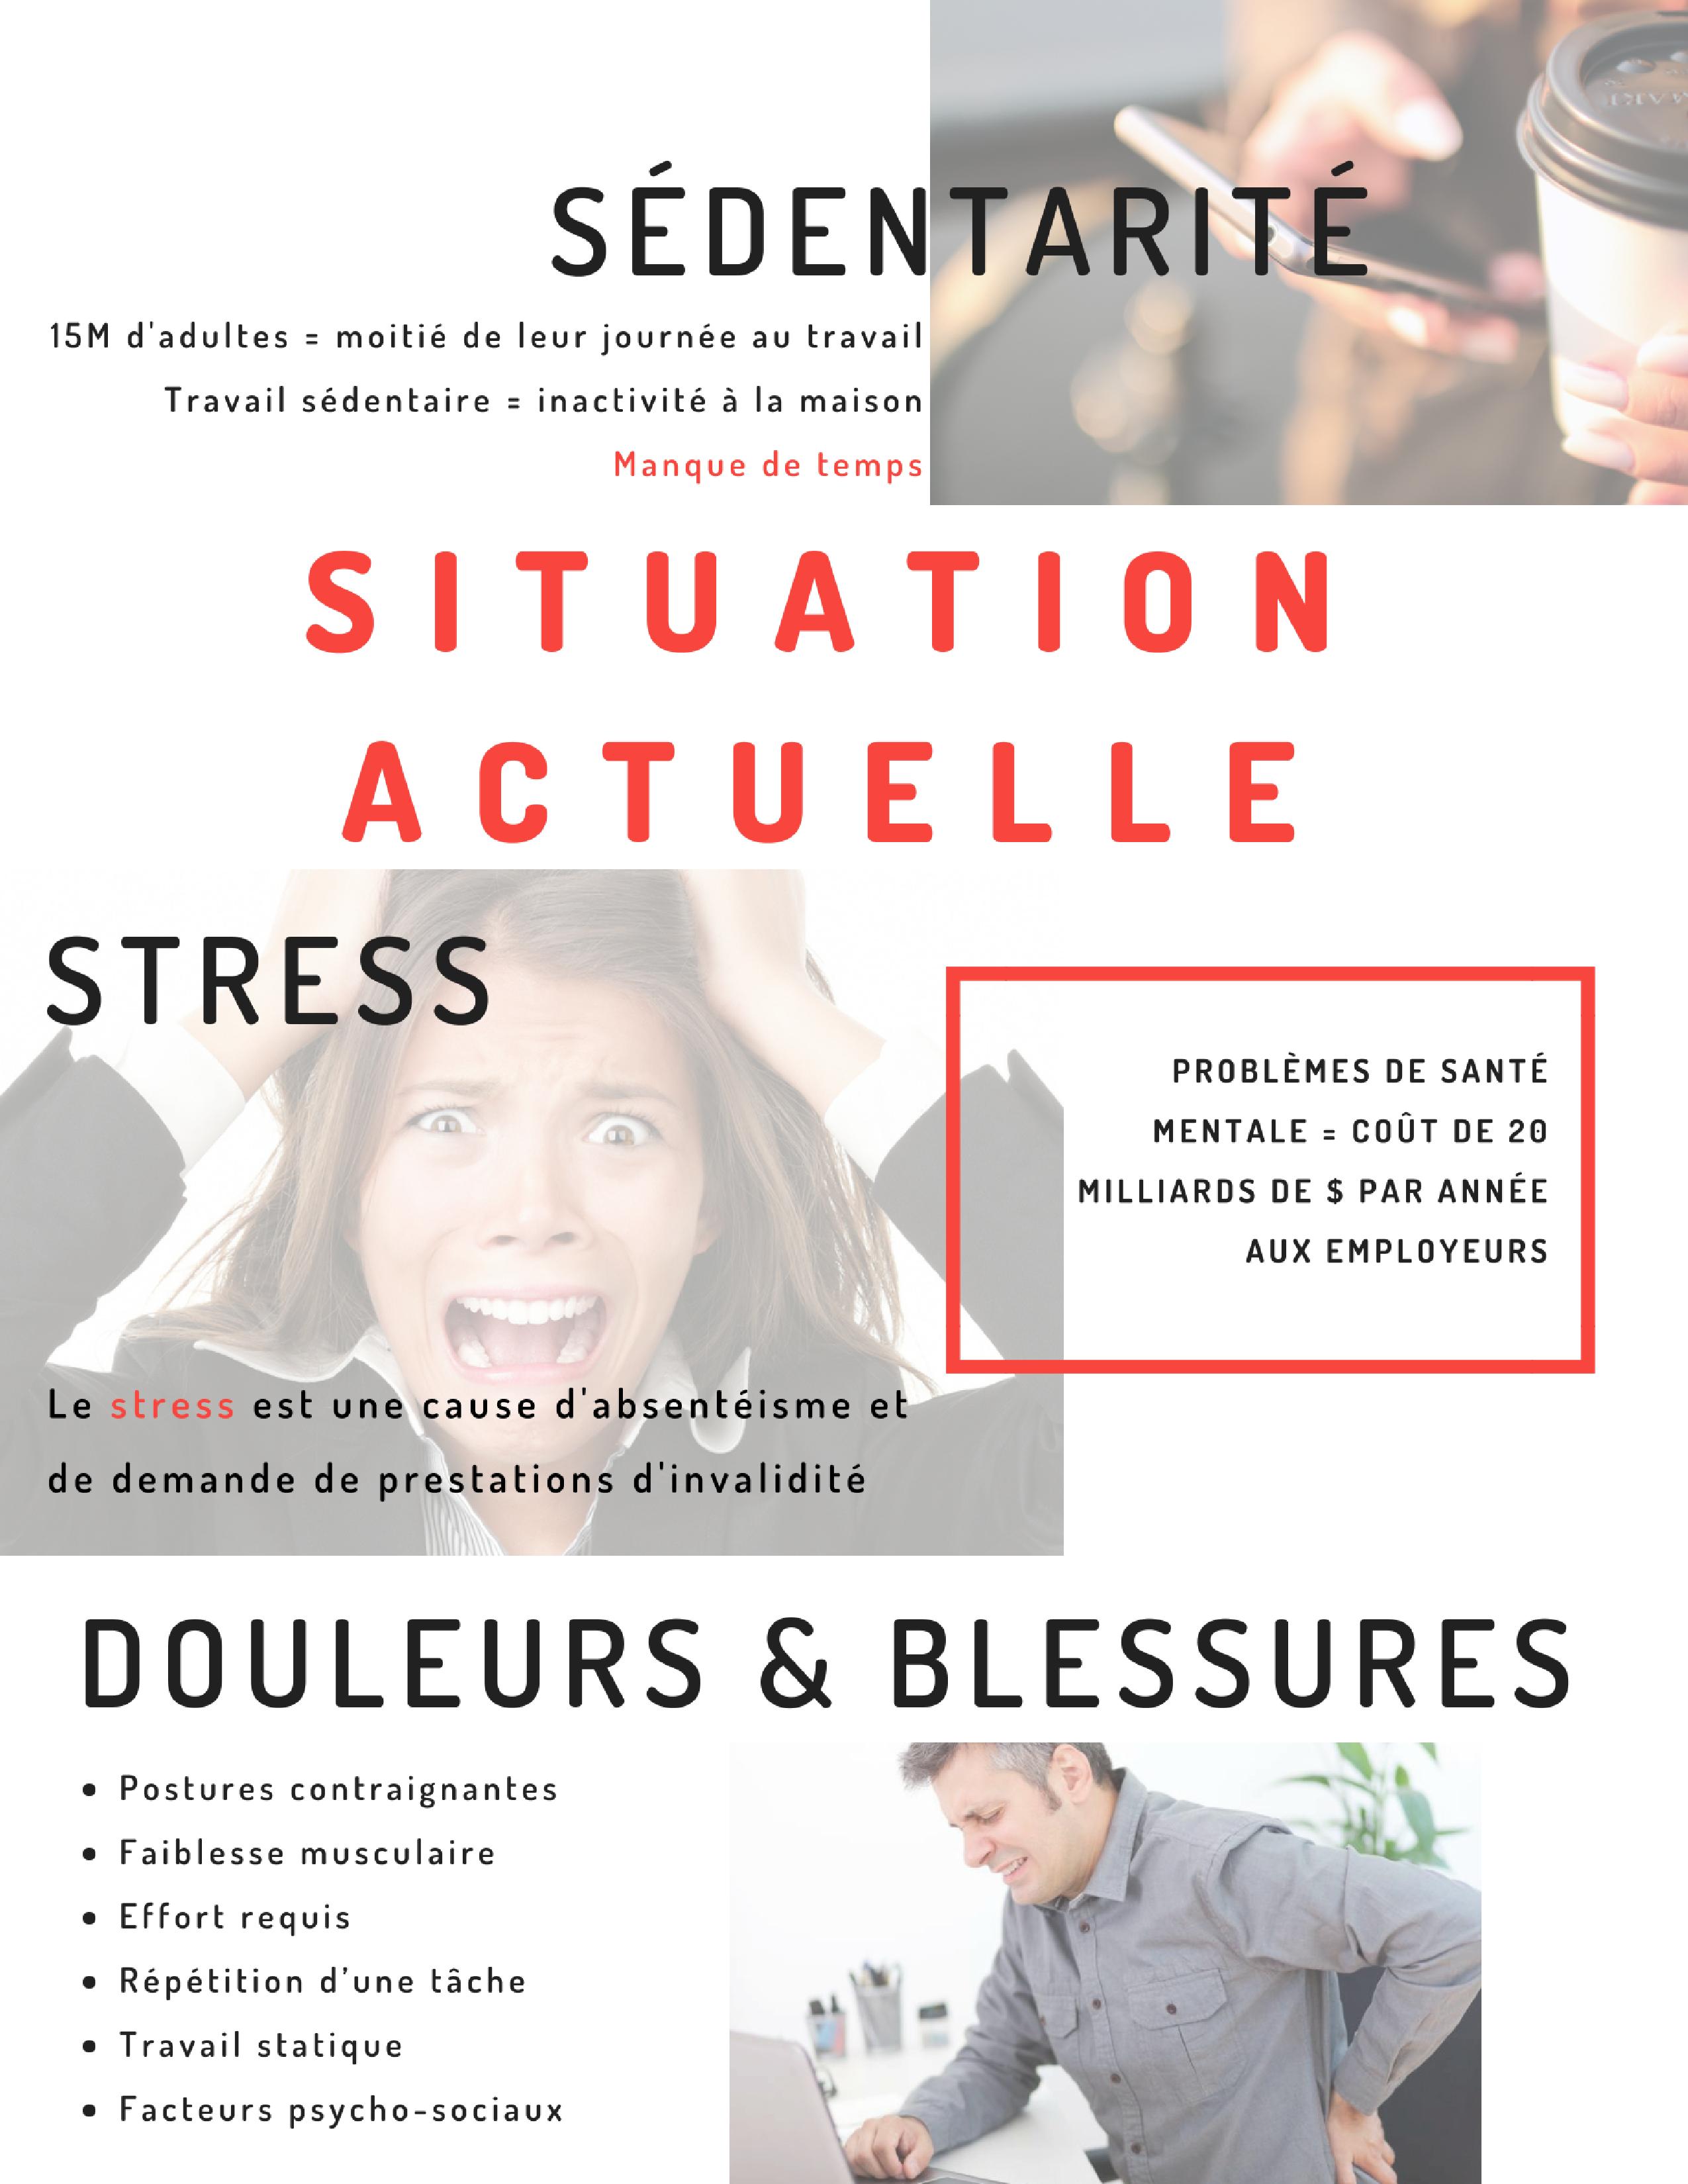 Situation actuelle: Sédentarité, Stress, Douleurs et blessures